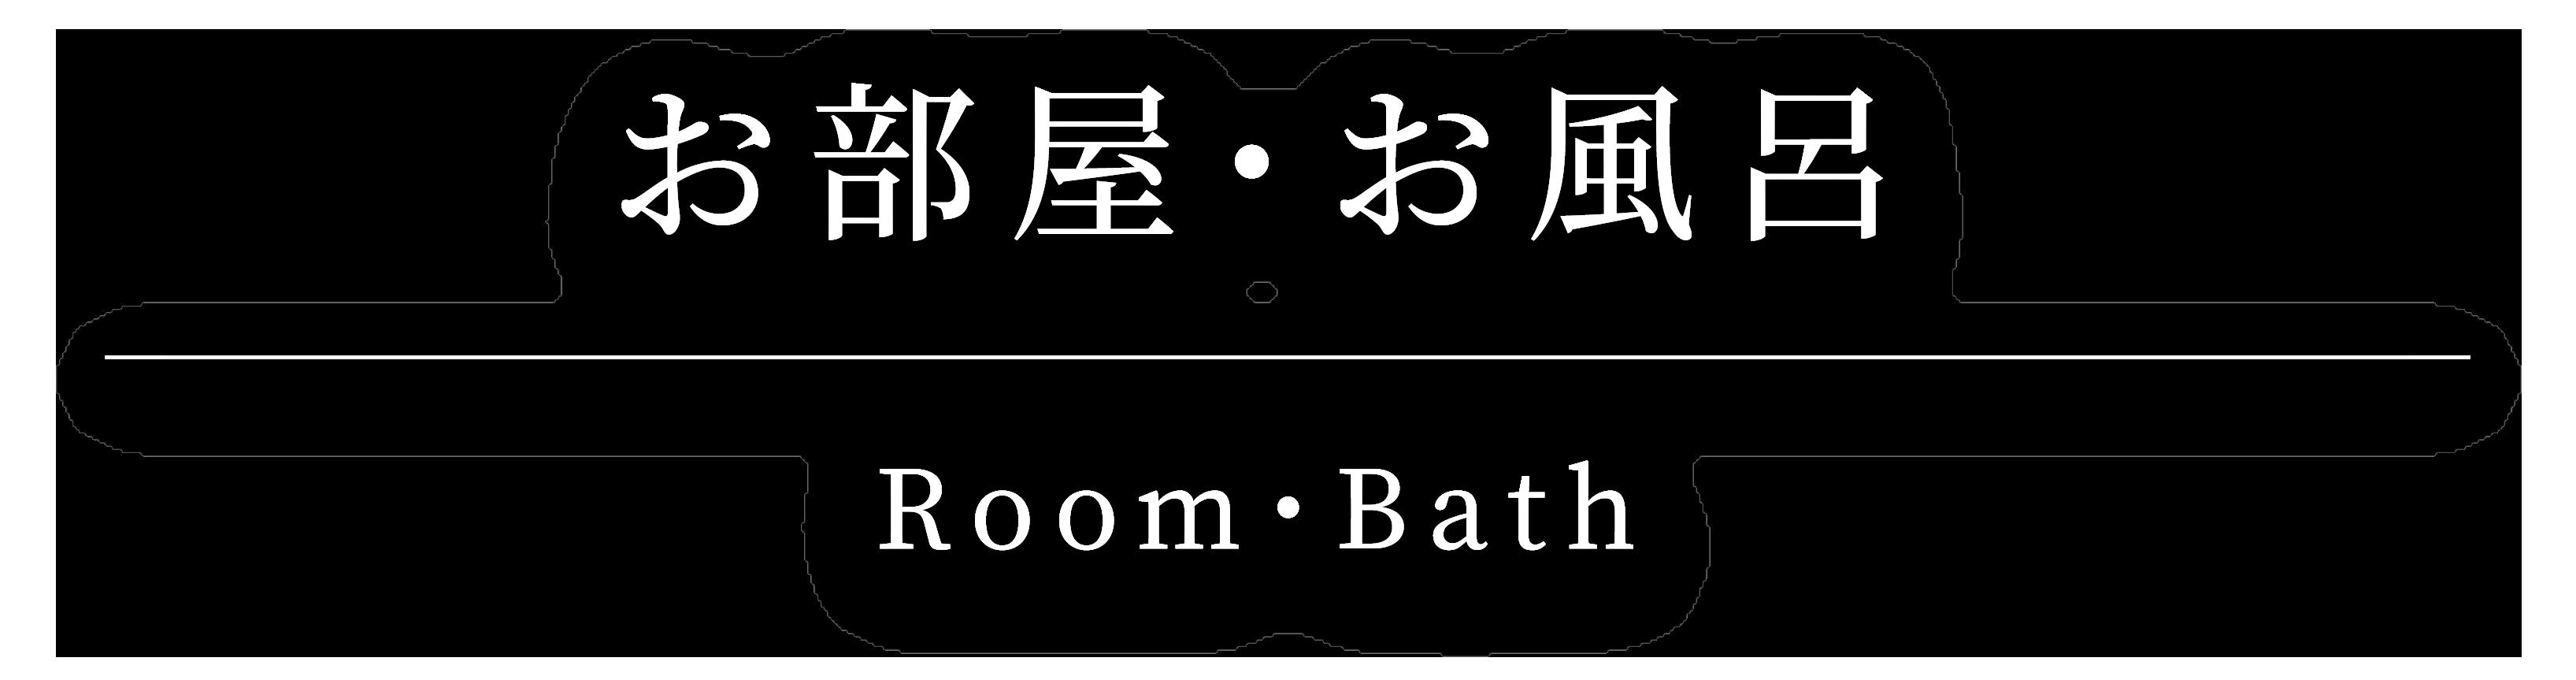 お部屋・お風呂